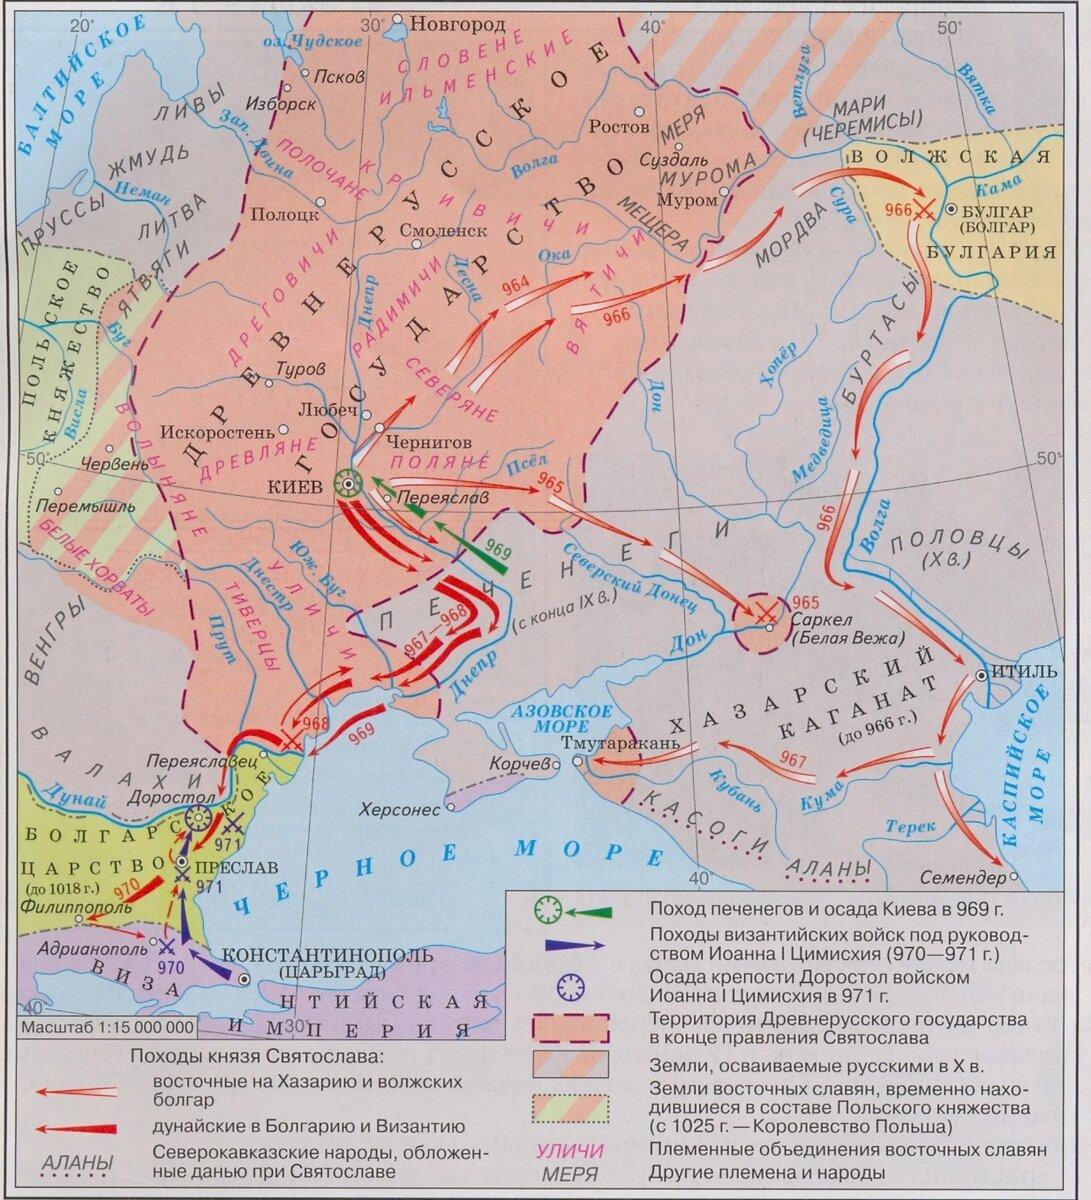 поход святослава на дунайскую болгарию